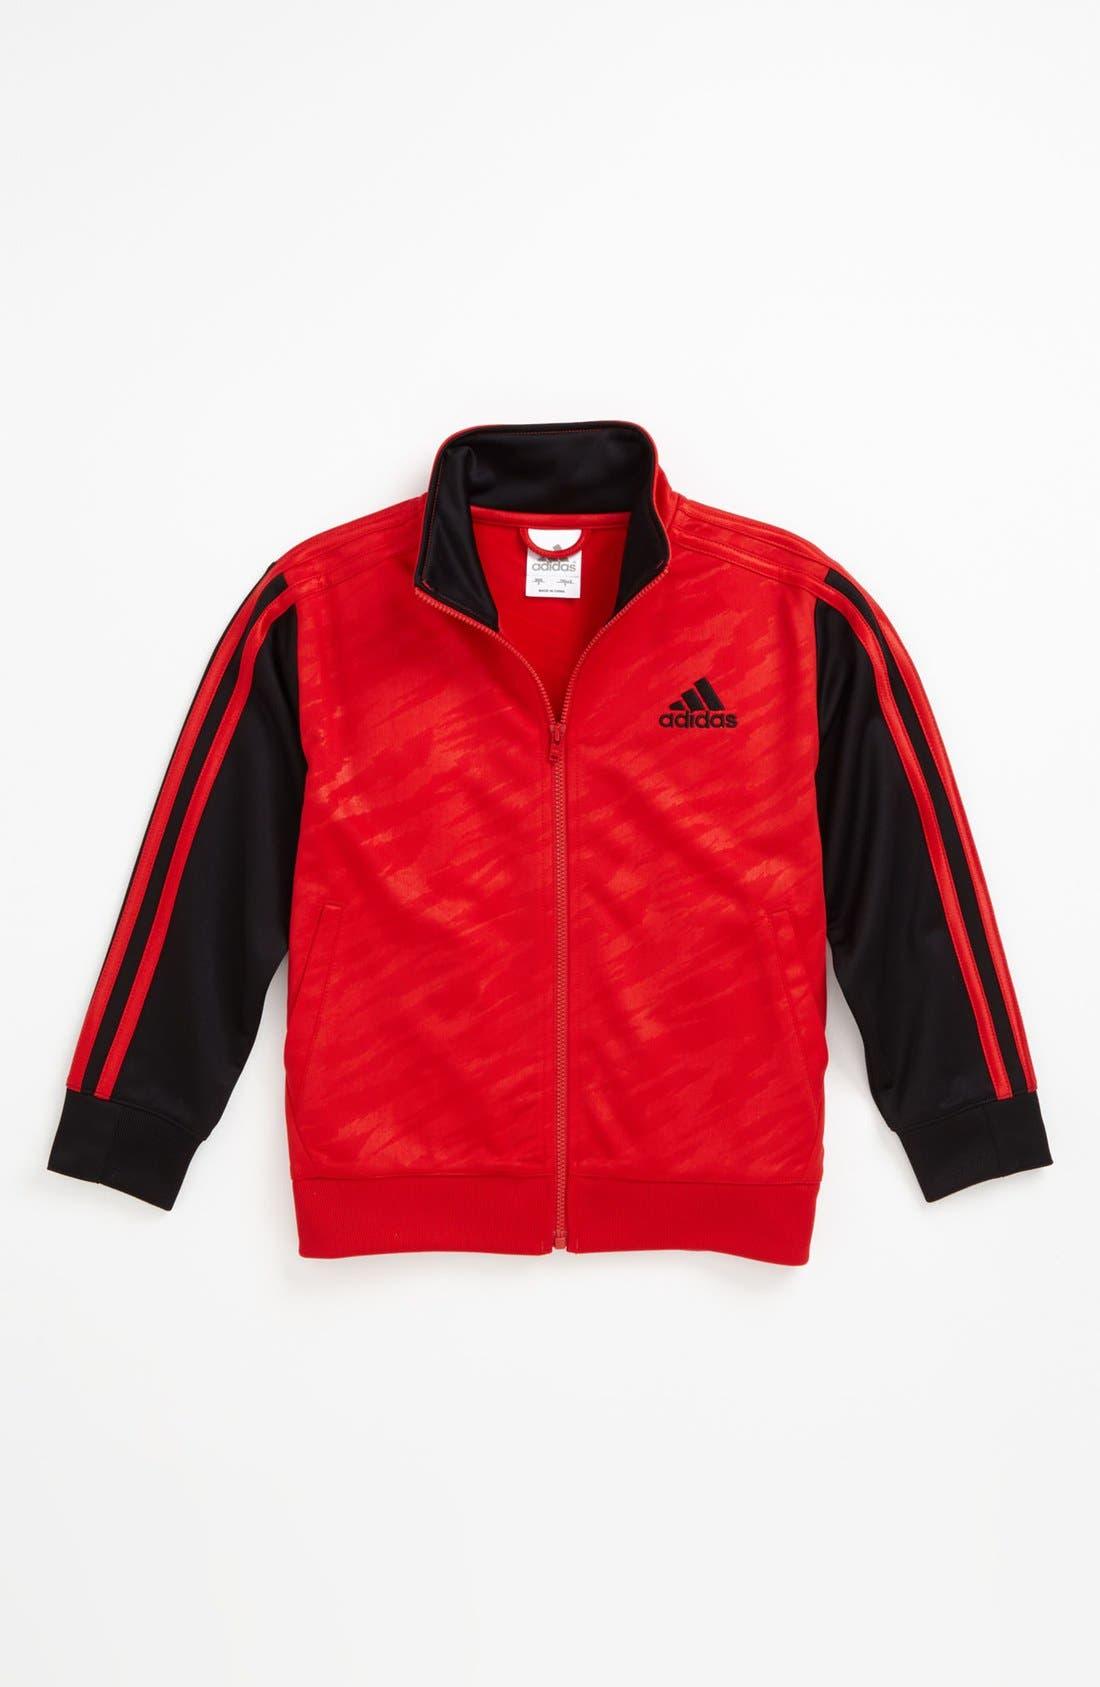 Main Image - adidas 'Impact' Varsity Jacket (Little Boys)